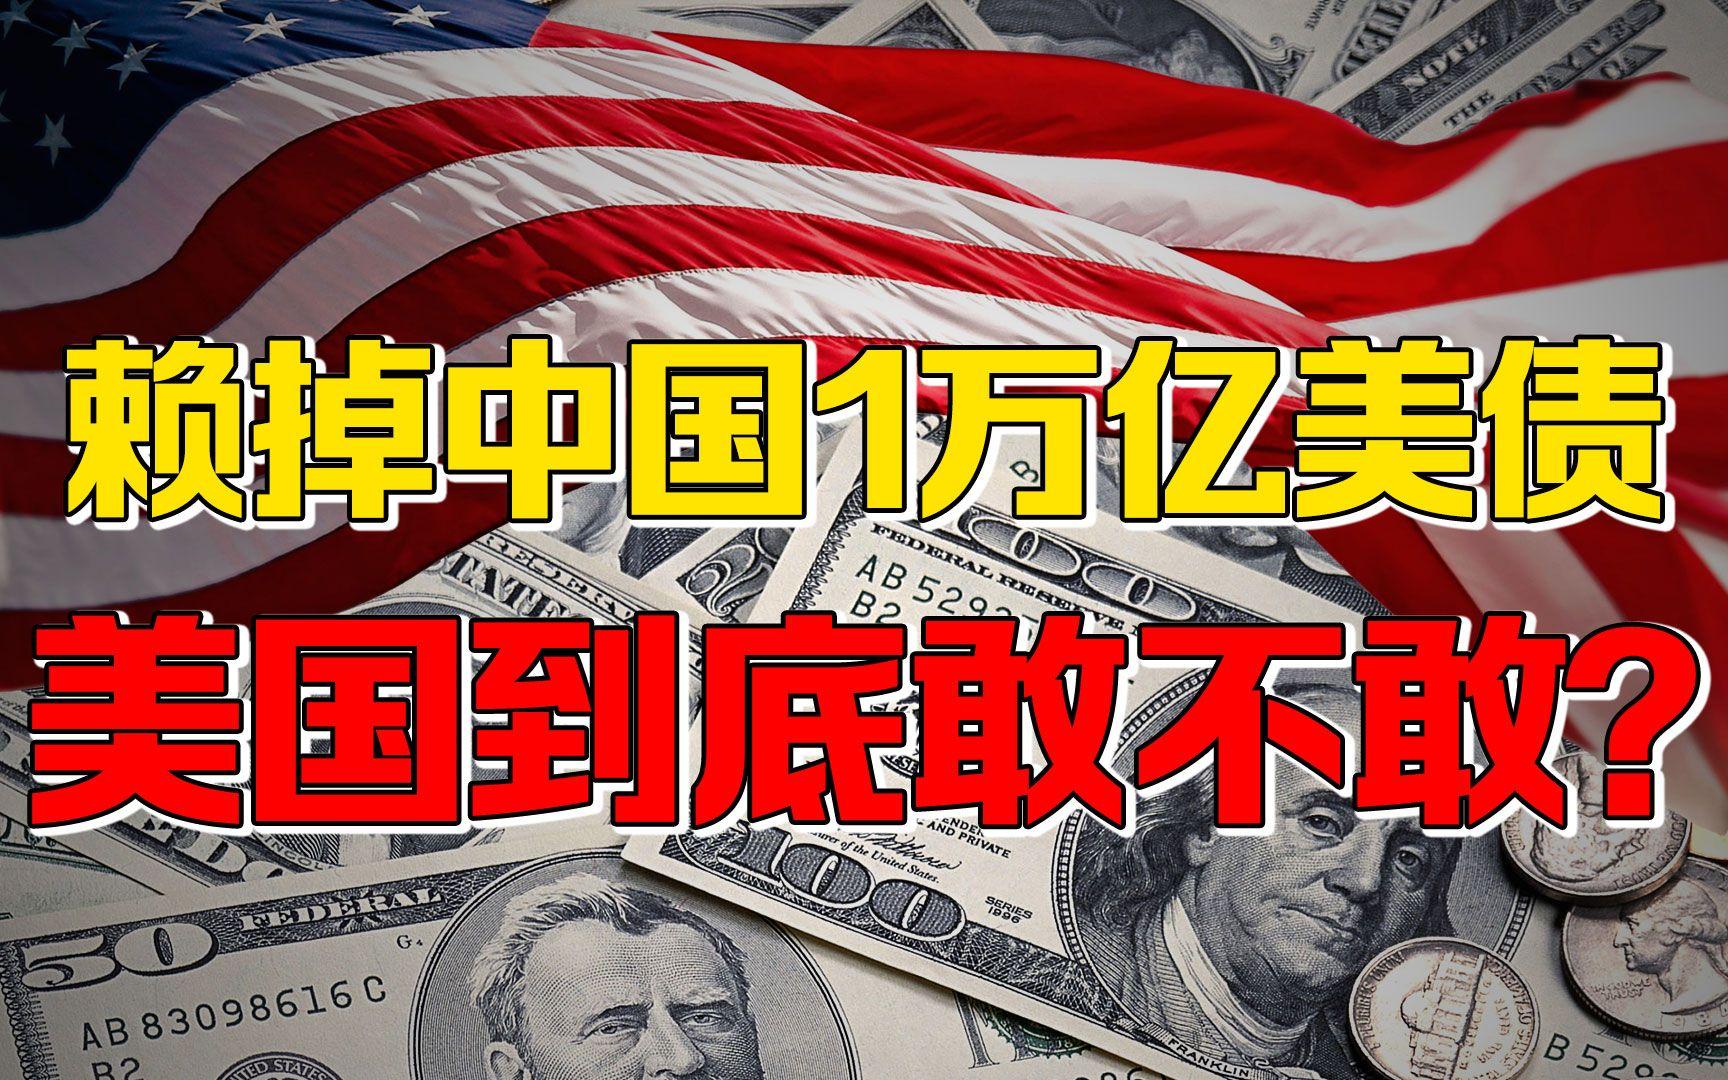 【九边】中国持有巨额美债太危险? 美国最坚定基石, 两百年神话史无前例